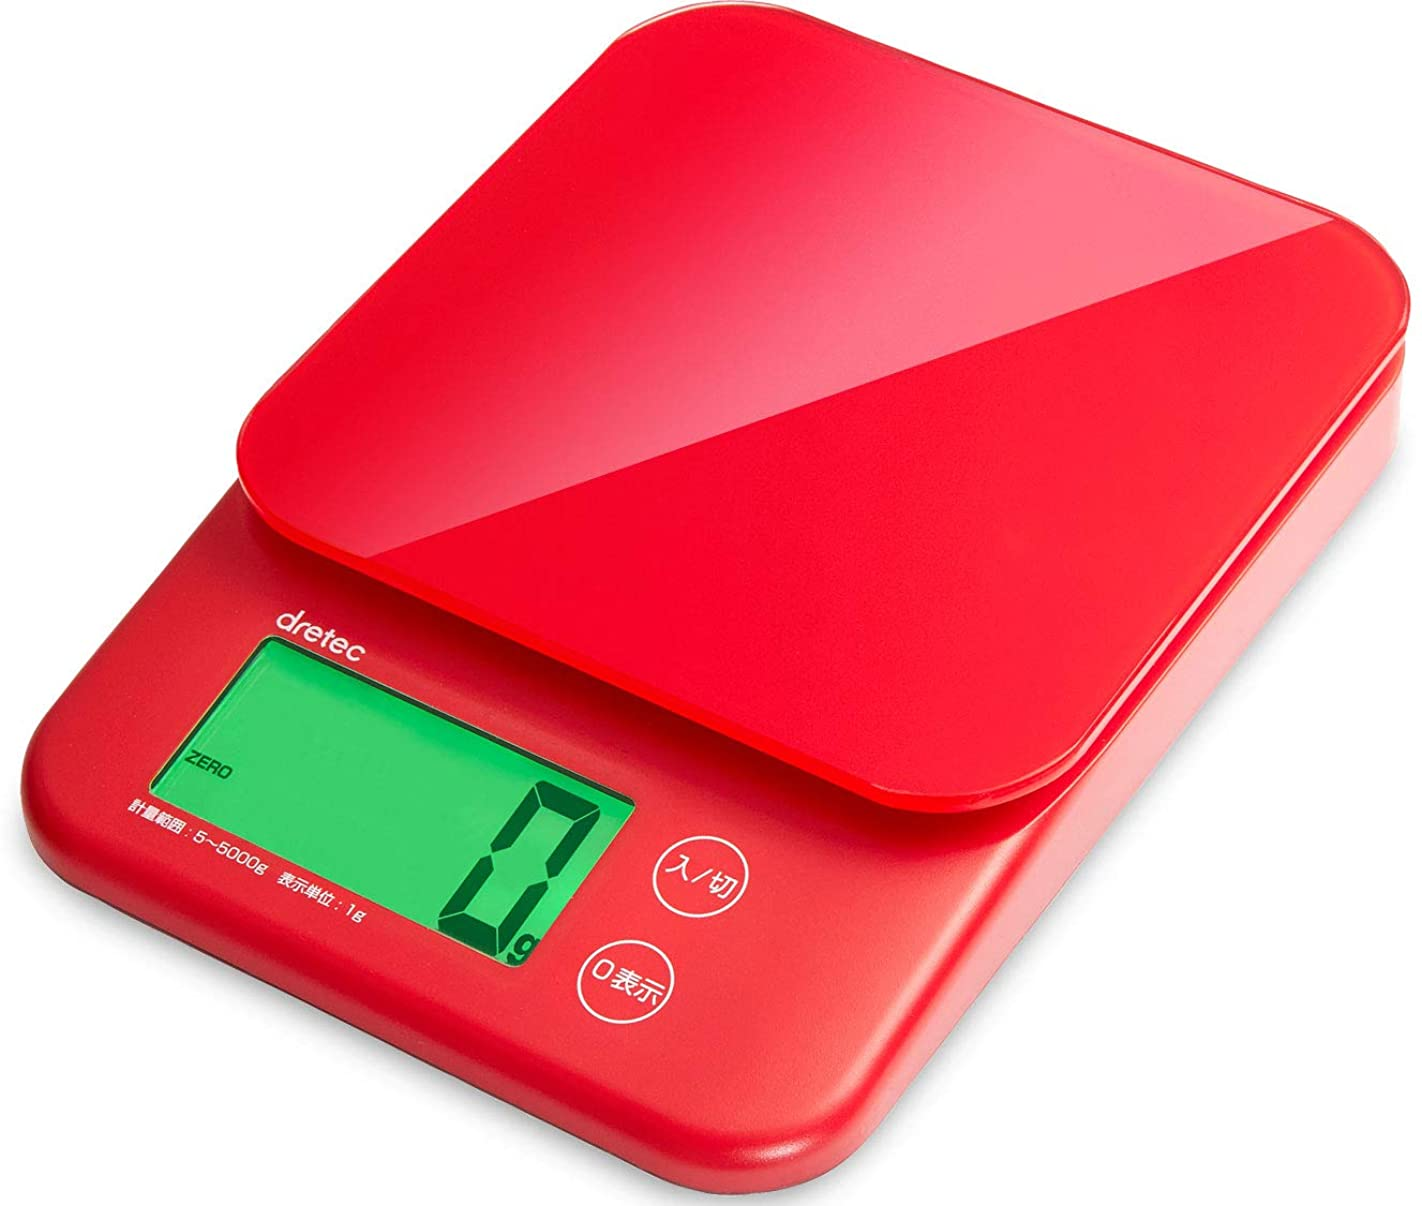 グラフ不調和マトリックスdretec(ドリテック) キッチンスケール デジタル 5kg/1g単位 KS-513RD レッド